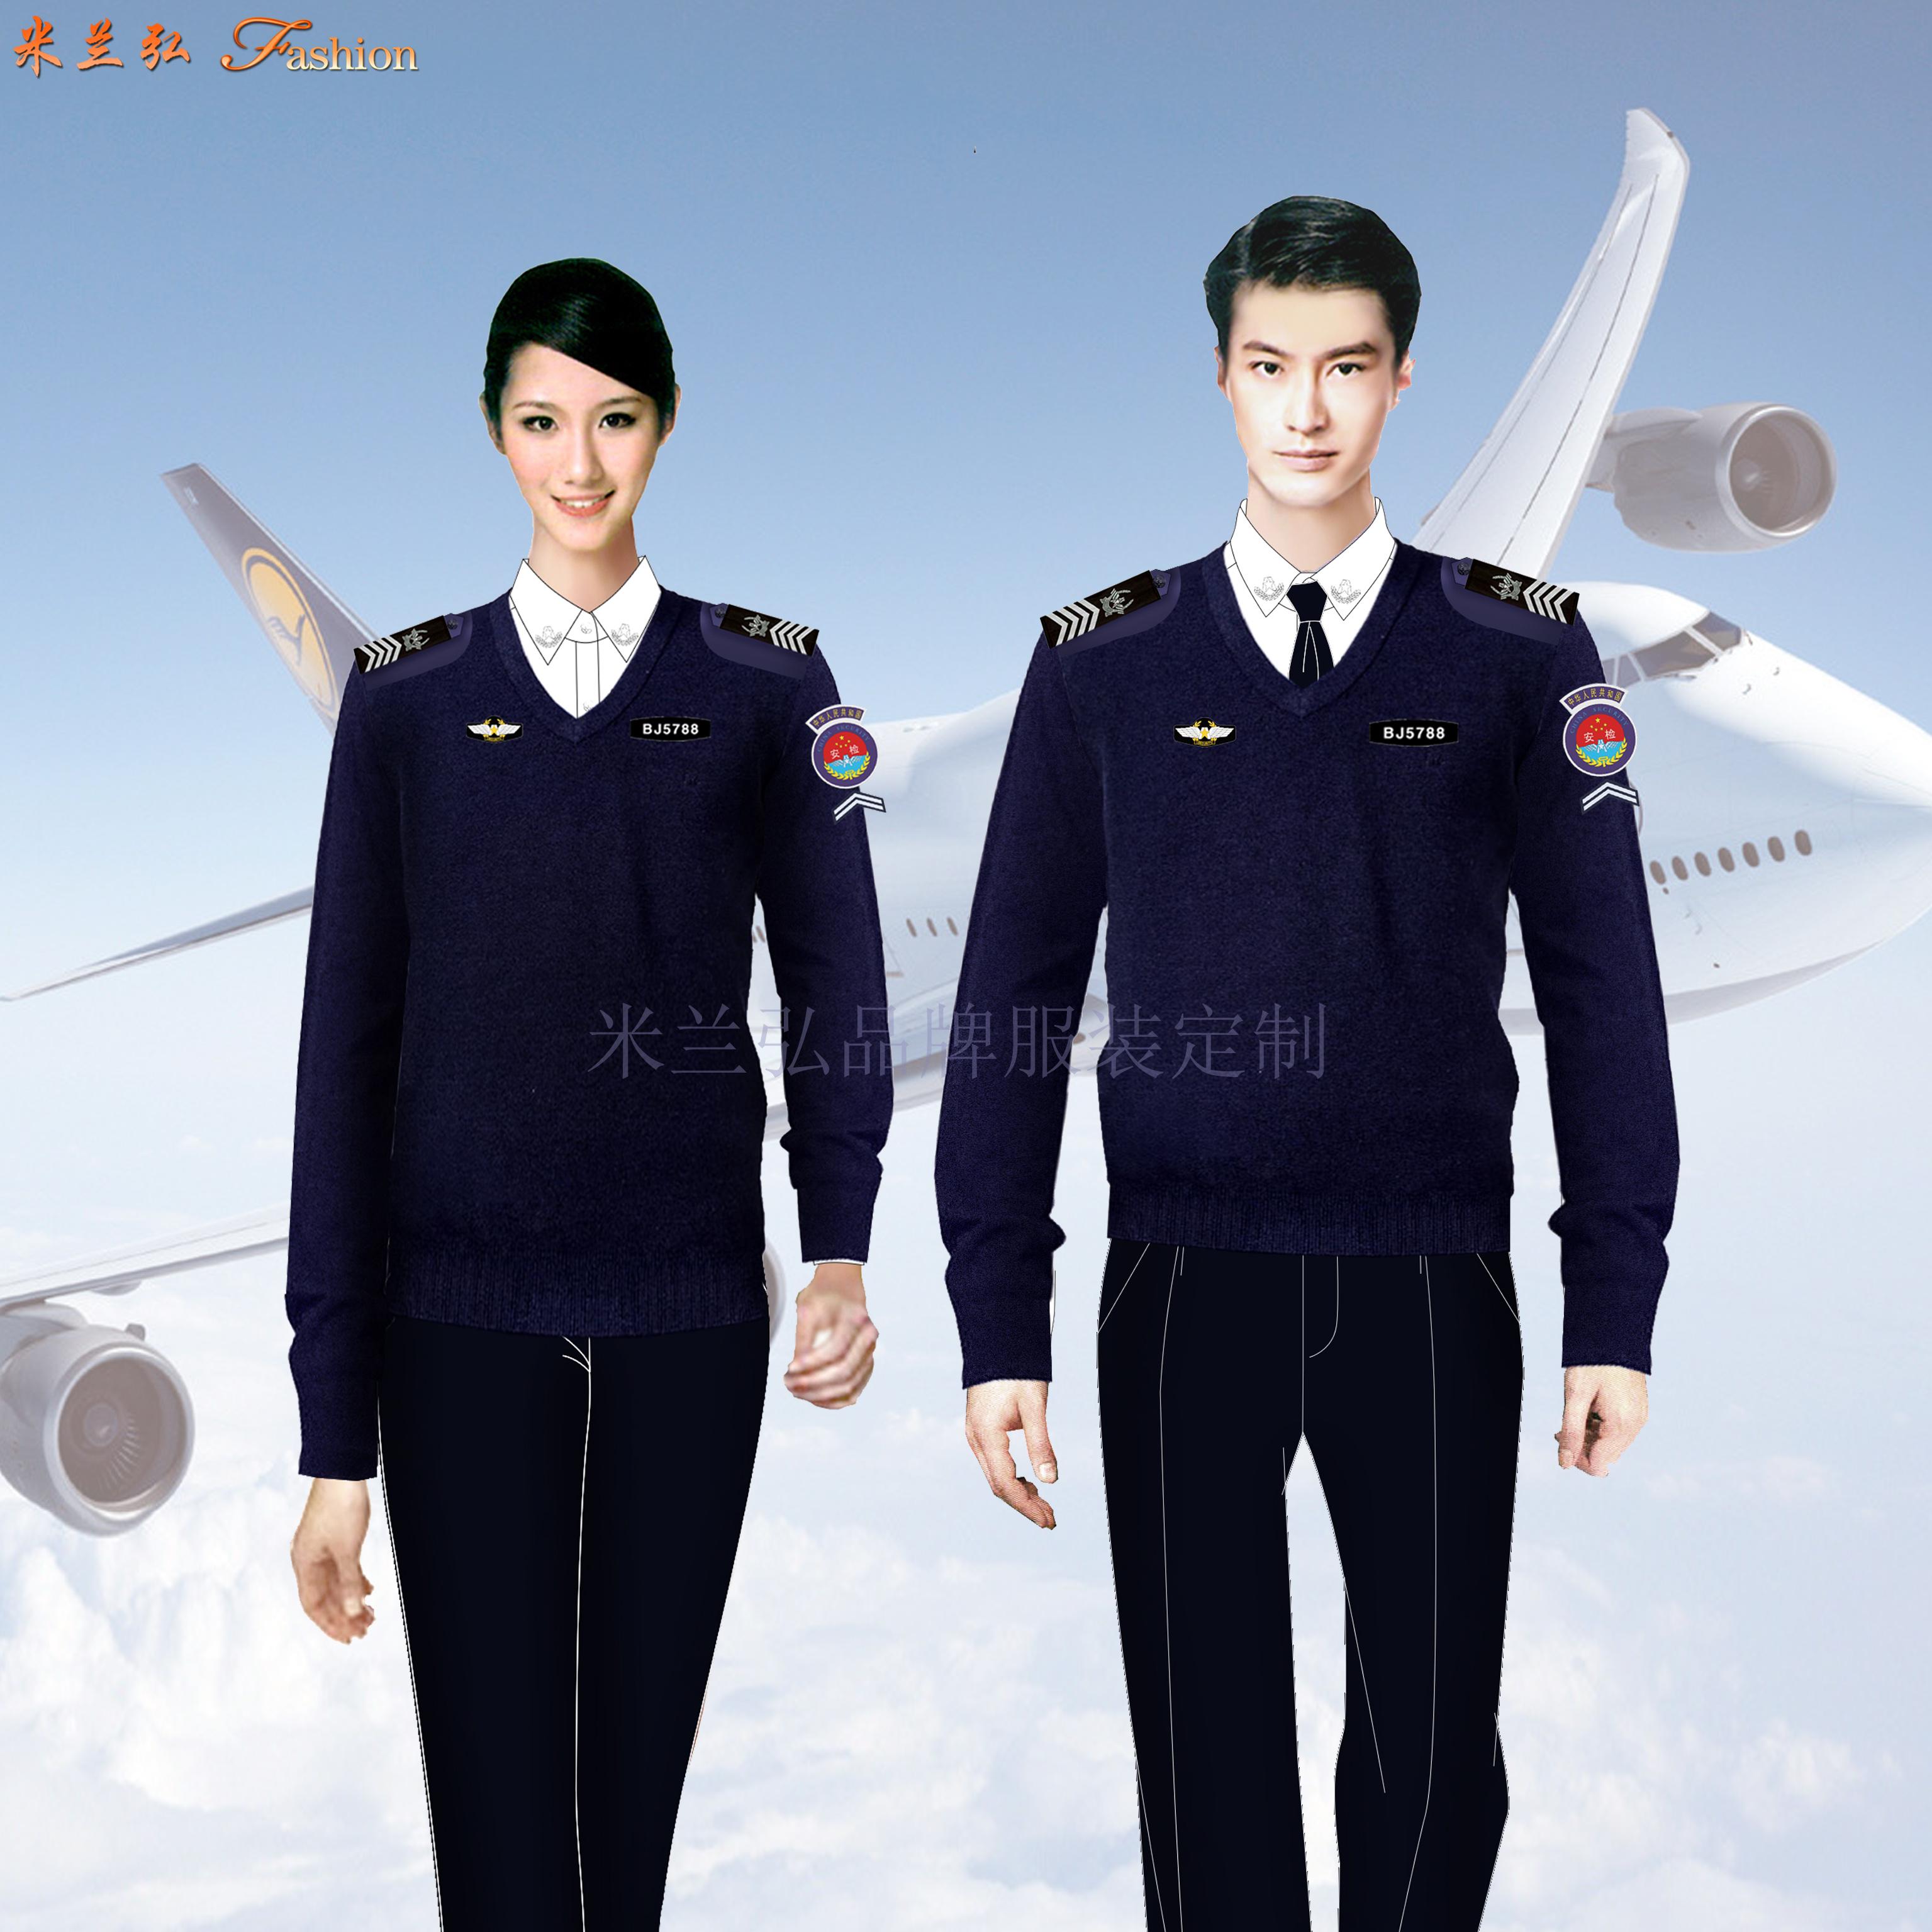 航空機場安檢服定做_高鐵站安檢服定制_汽車客運站安檢服訂做-3